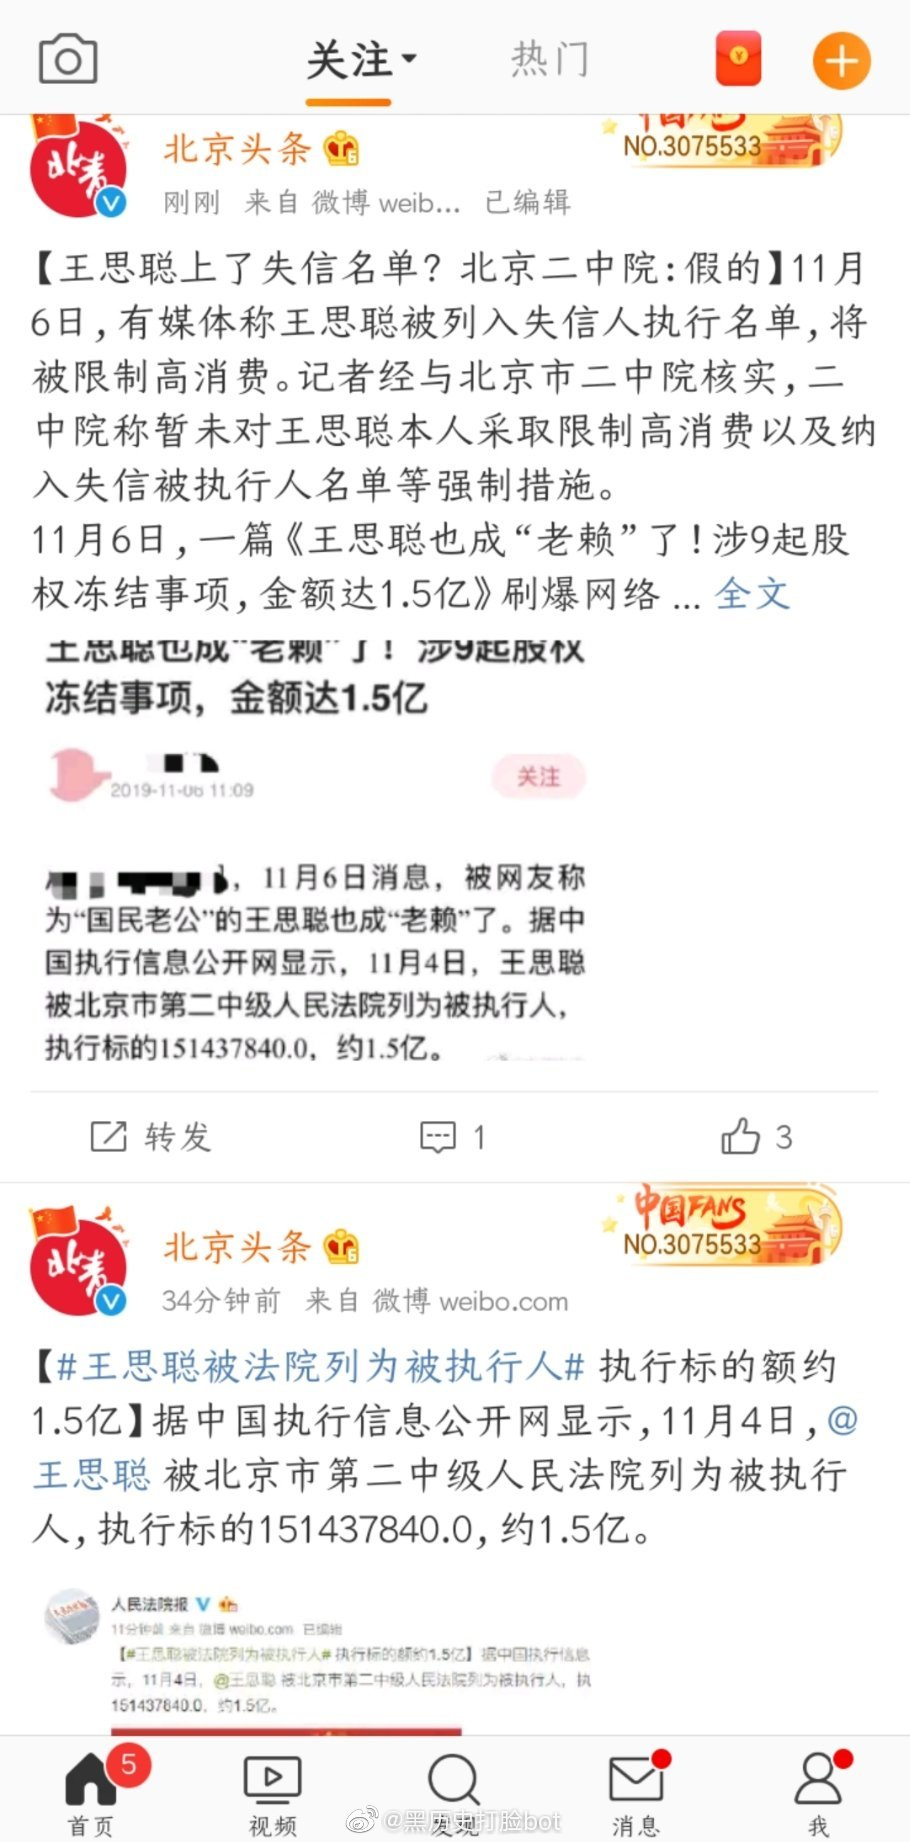 王思聪被北京二中院列为被执行人 执行标的约1.5亿元 热门事件 第2张